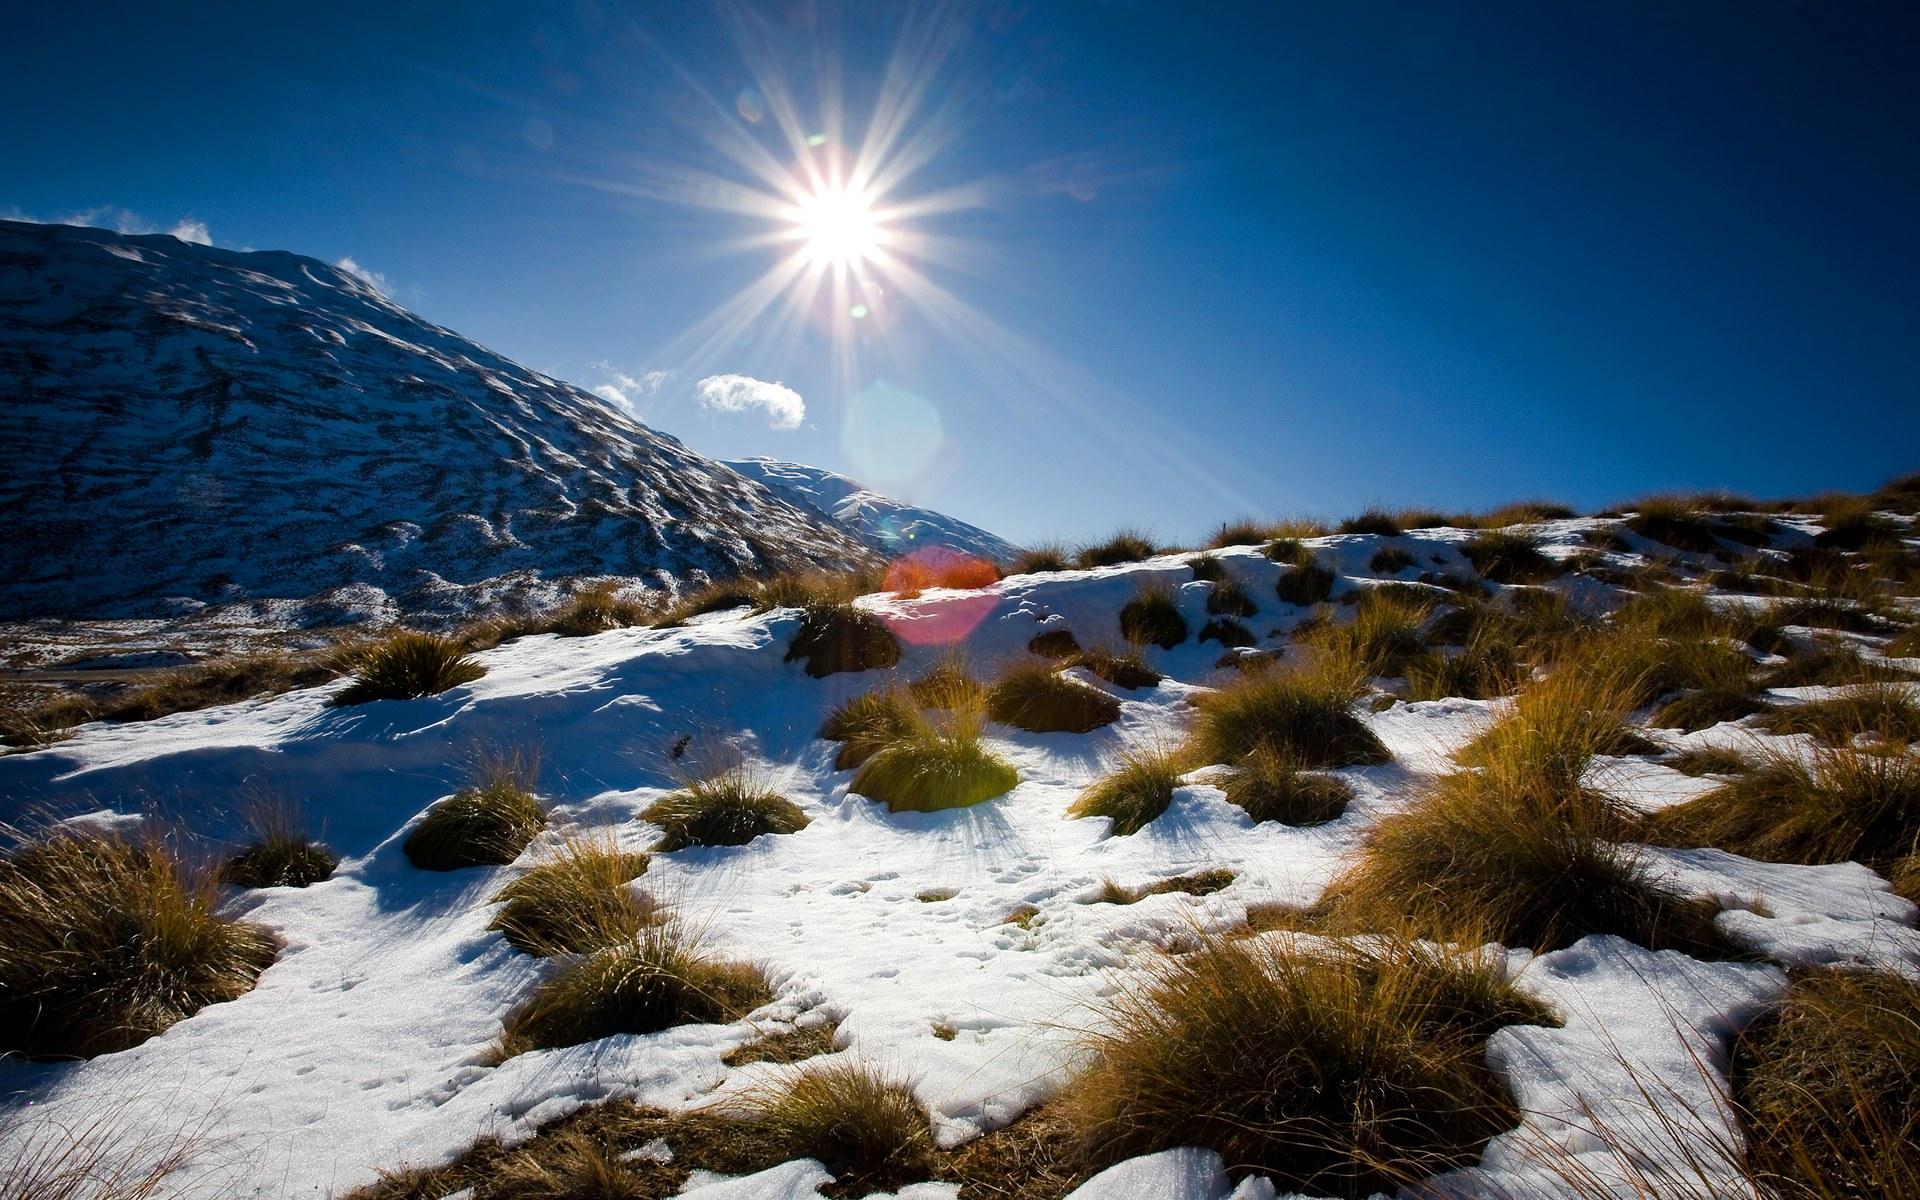 Снег на горных склонах  № 2944985 бесплатно